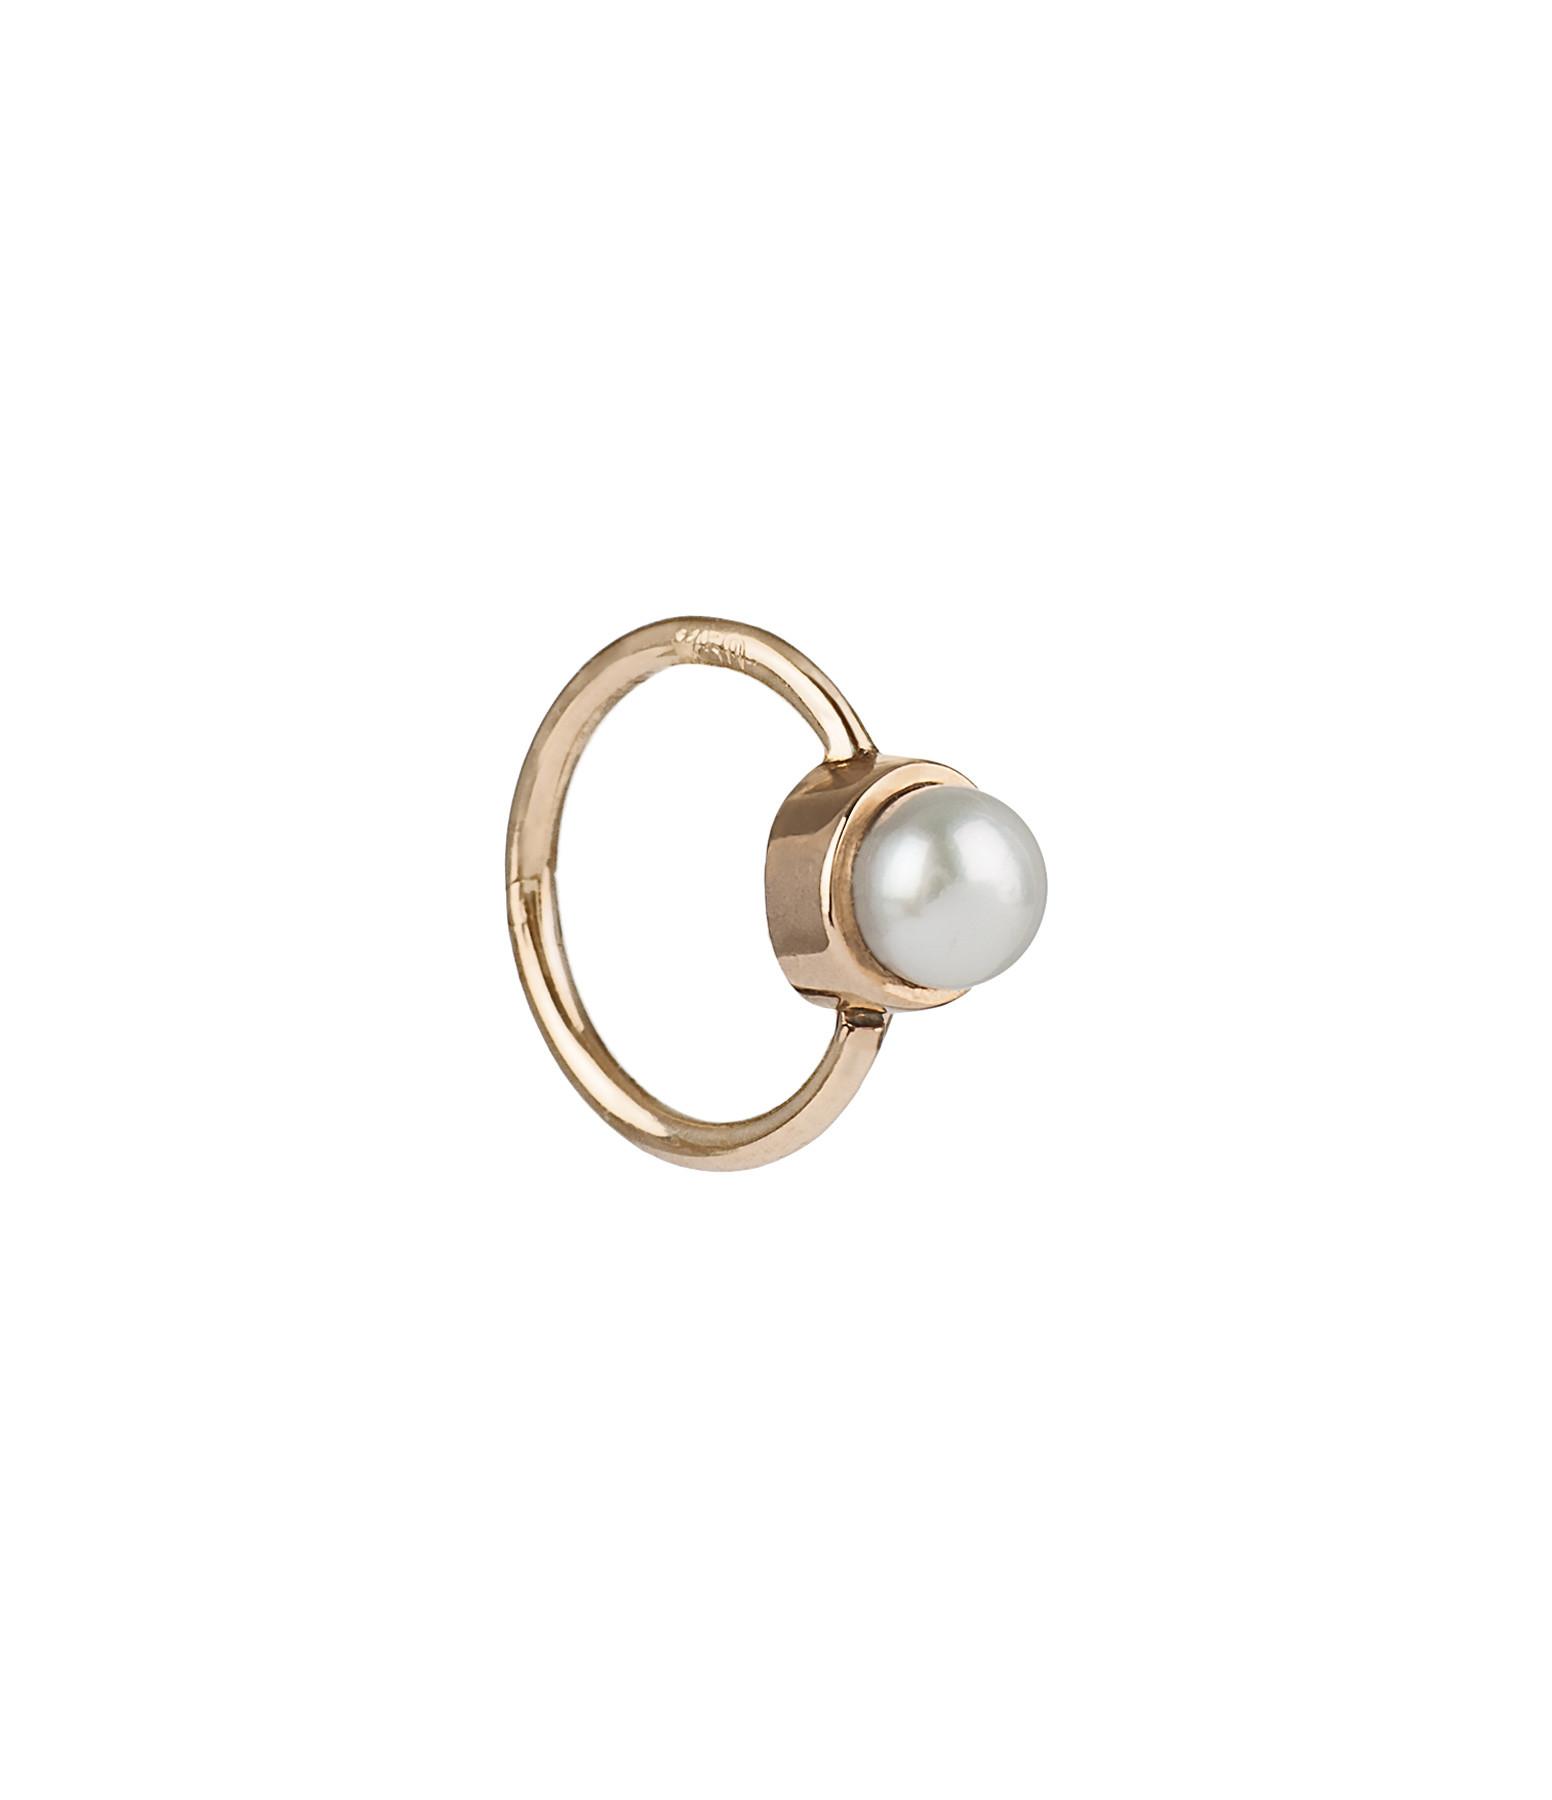 YANNIS SERGAKIS - Petite Créole Or Perles (vendue à l'unité)